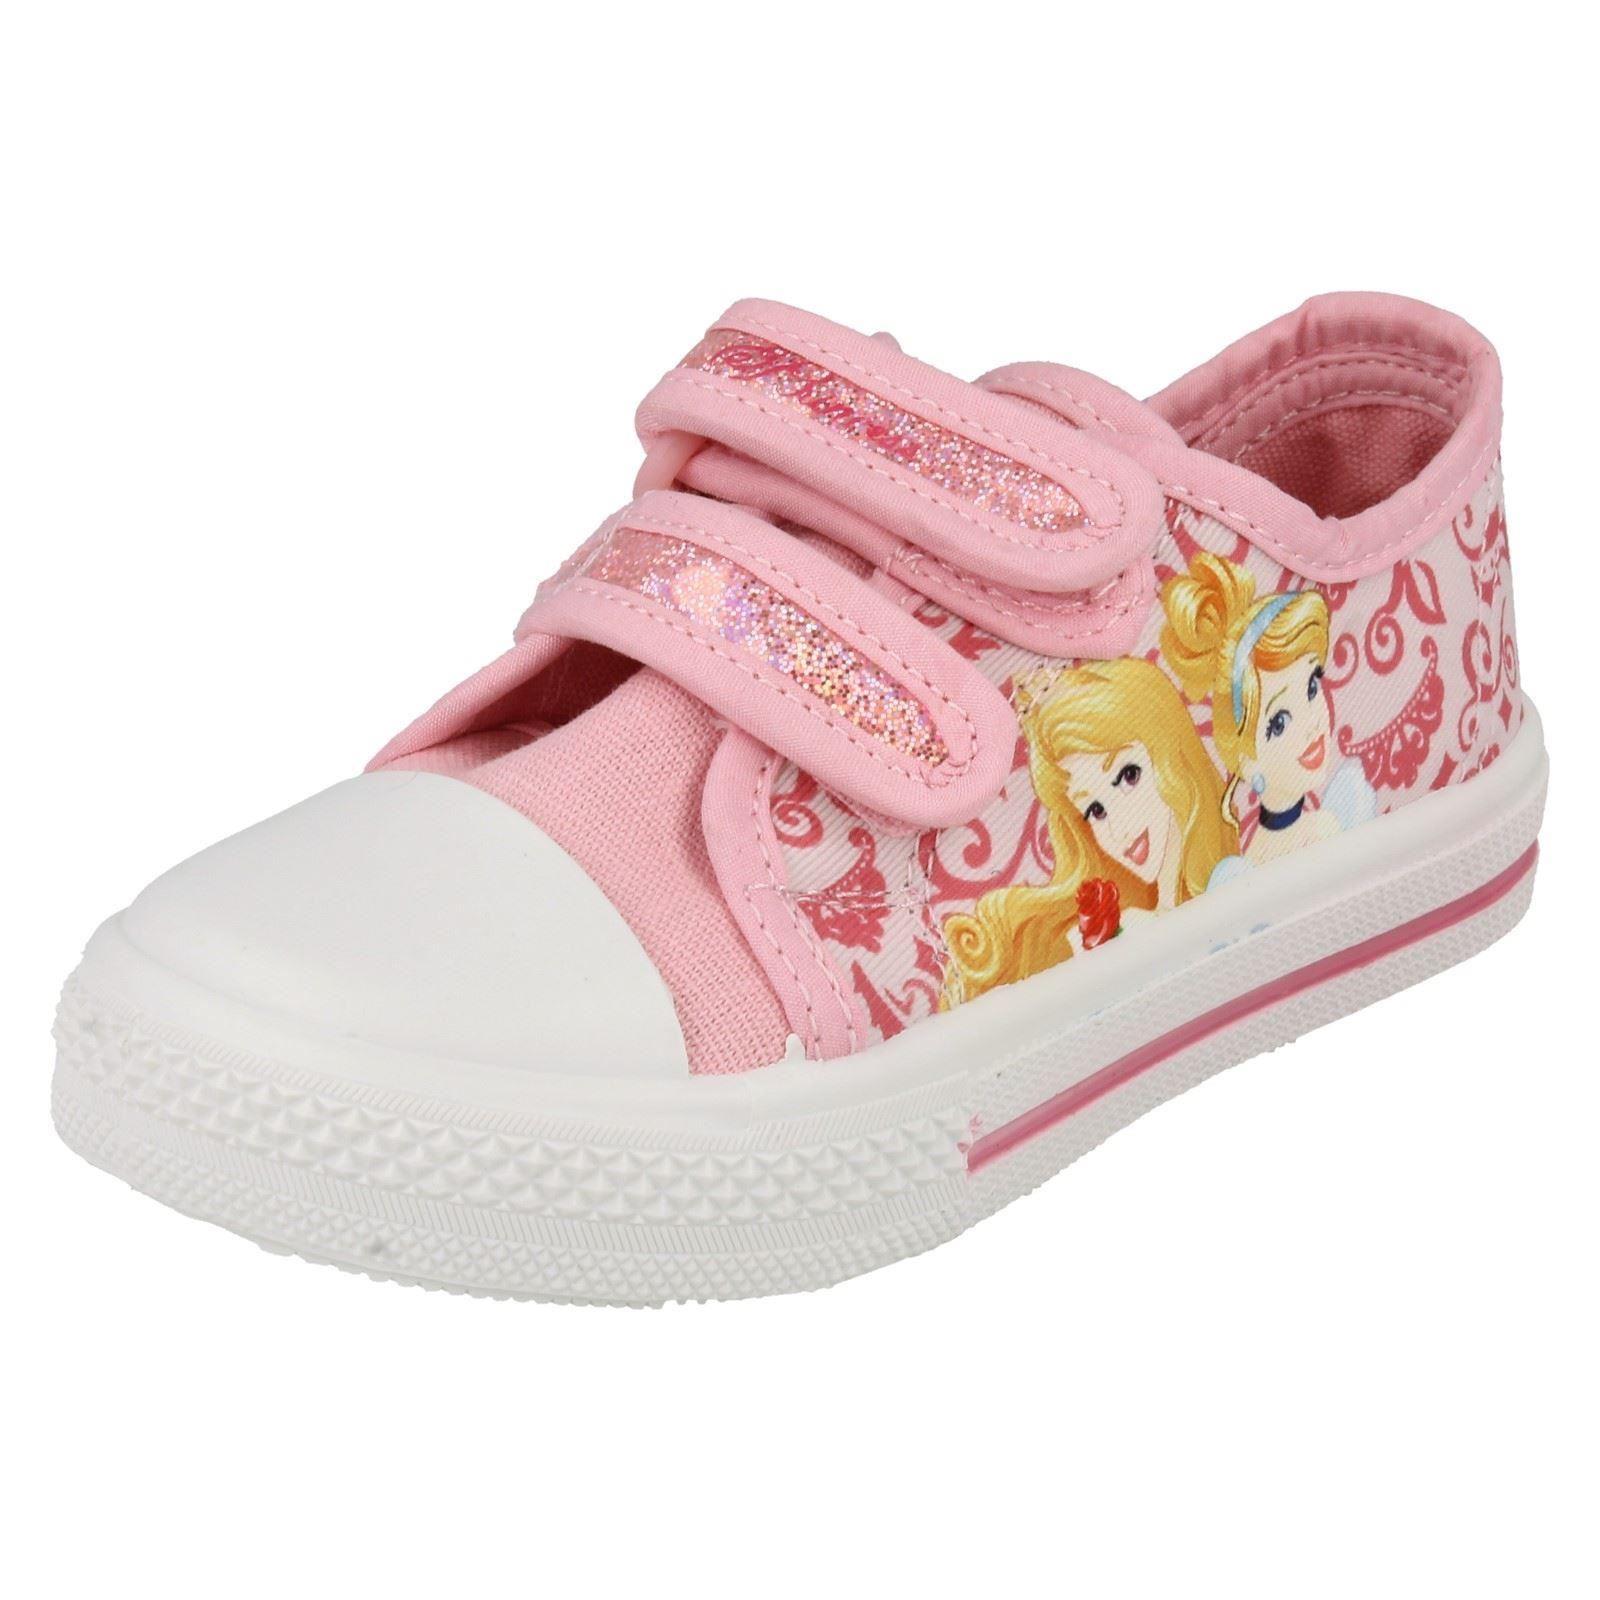 Chicas Personaje Disney Princesa Castilla Zapatos De Lona